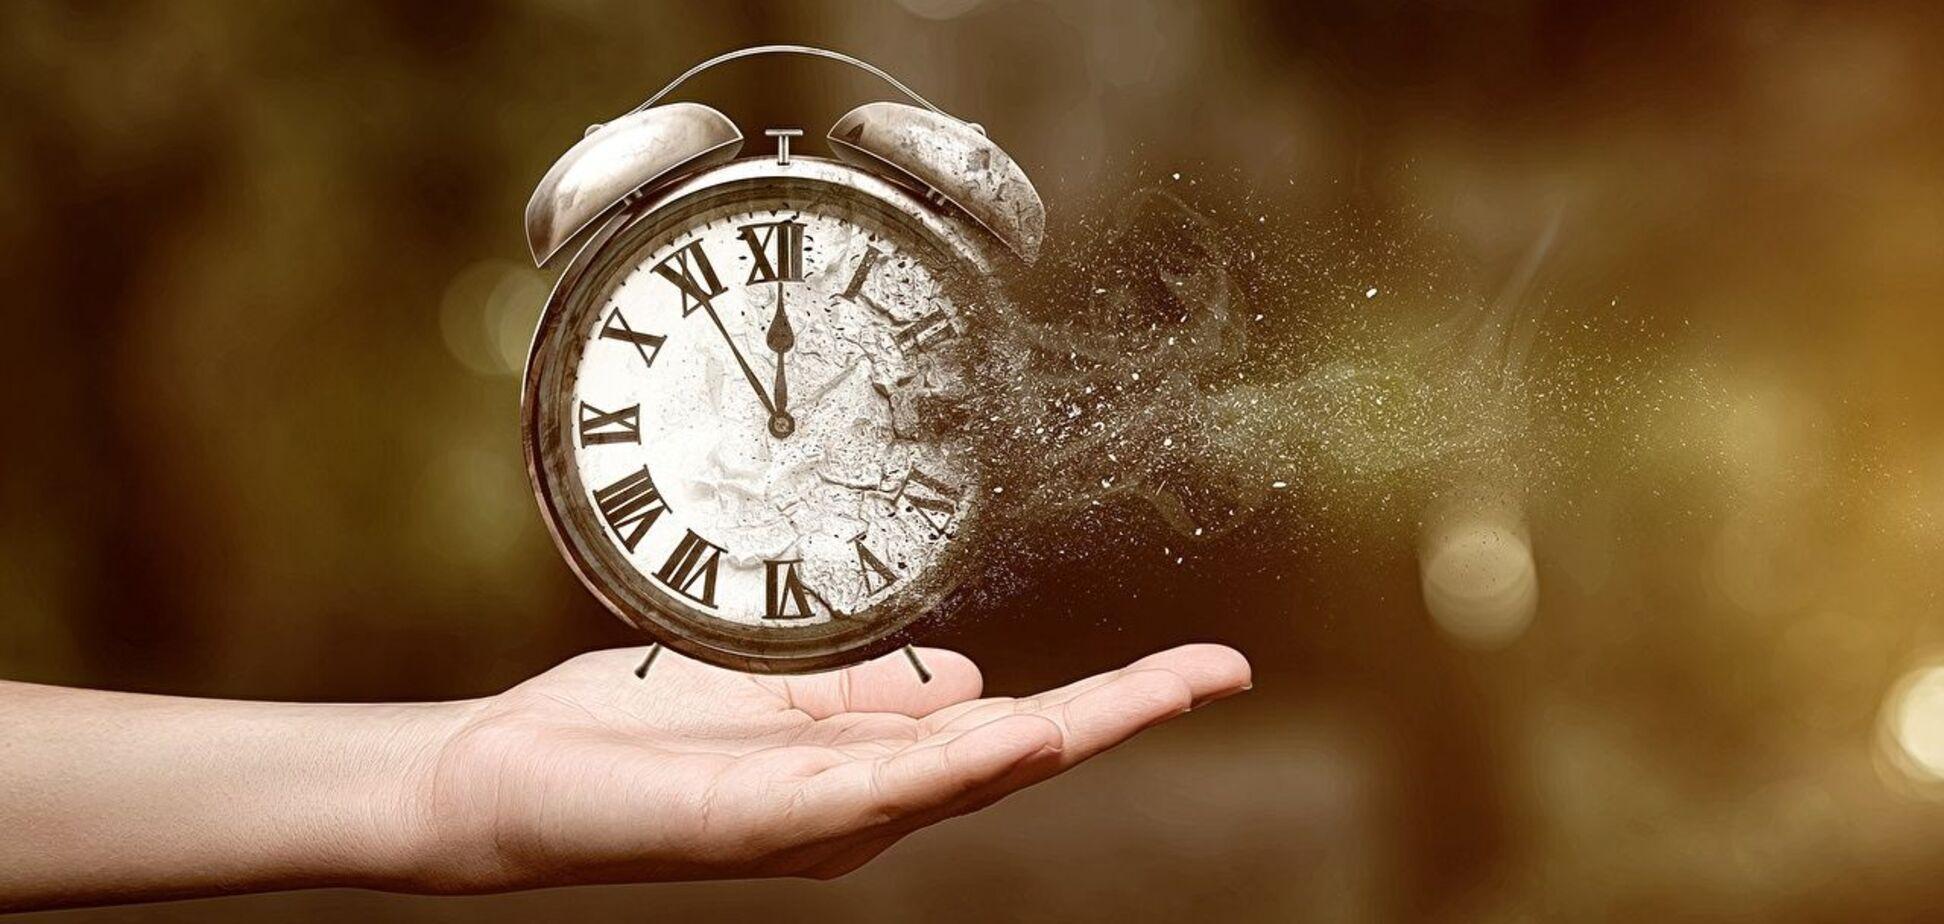 Перевод часов имеет ряд негативных последствий